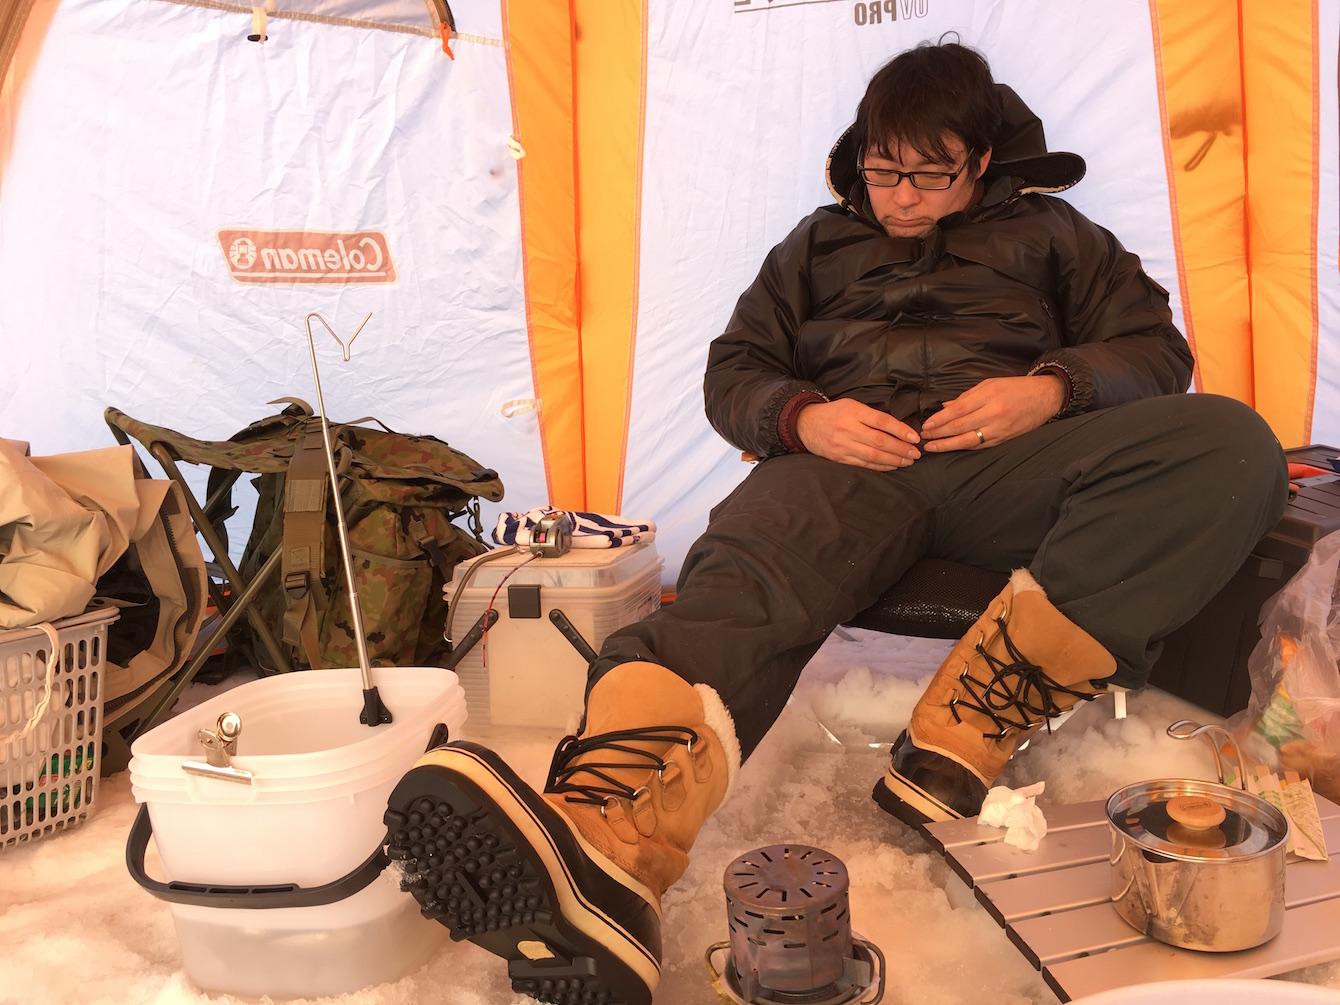 昼食後に仮眠をとる松本さん。釣り竿に反応があると、すぐさまに起きて糸を引き上げる姿は職人でした。